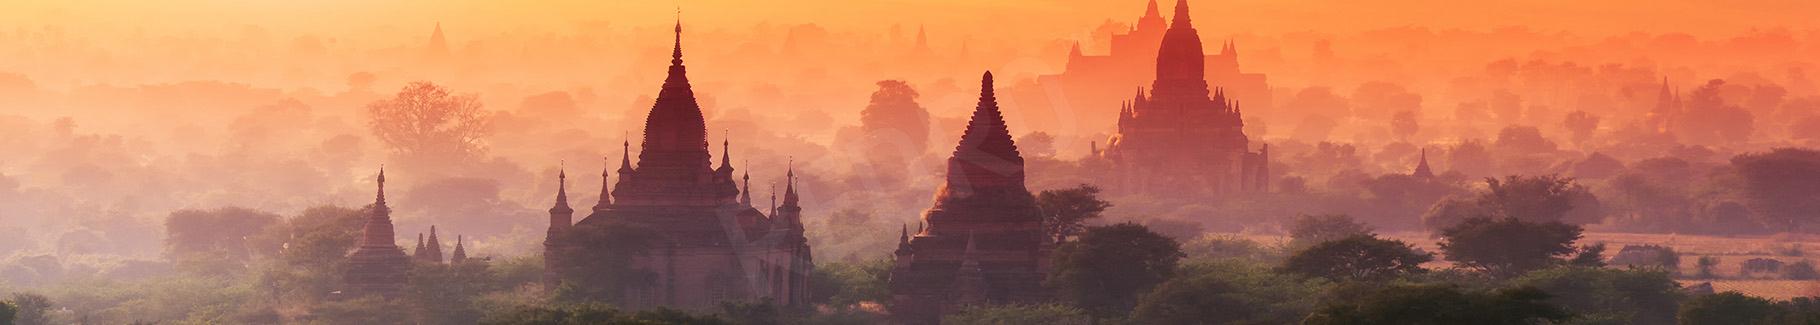 Fototapeta zachód słońca w Azji